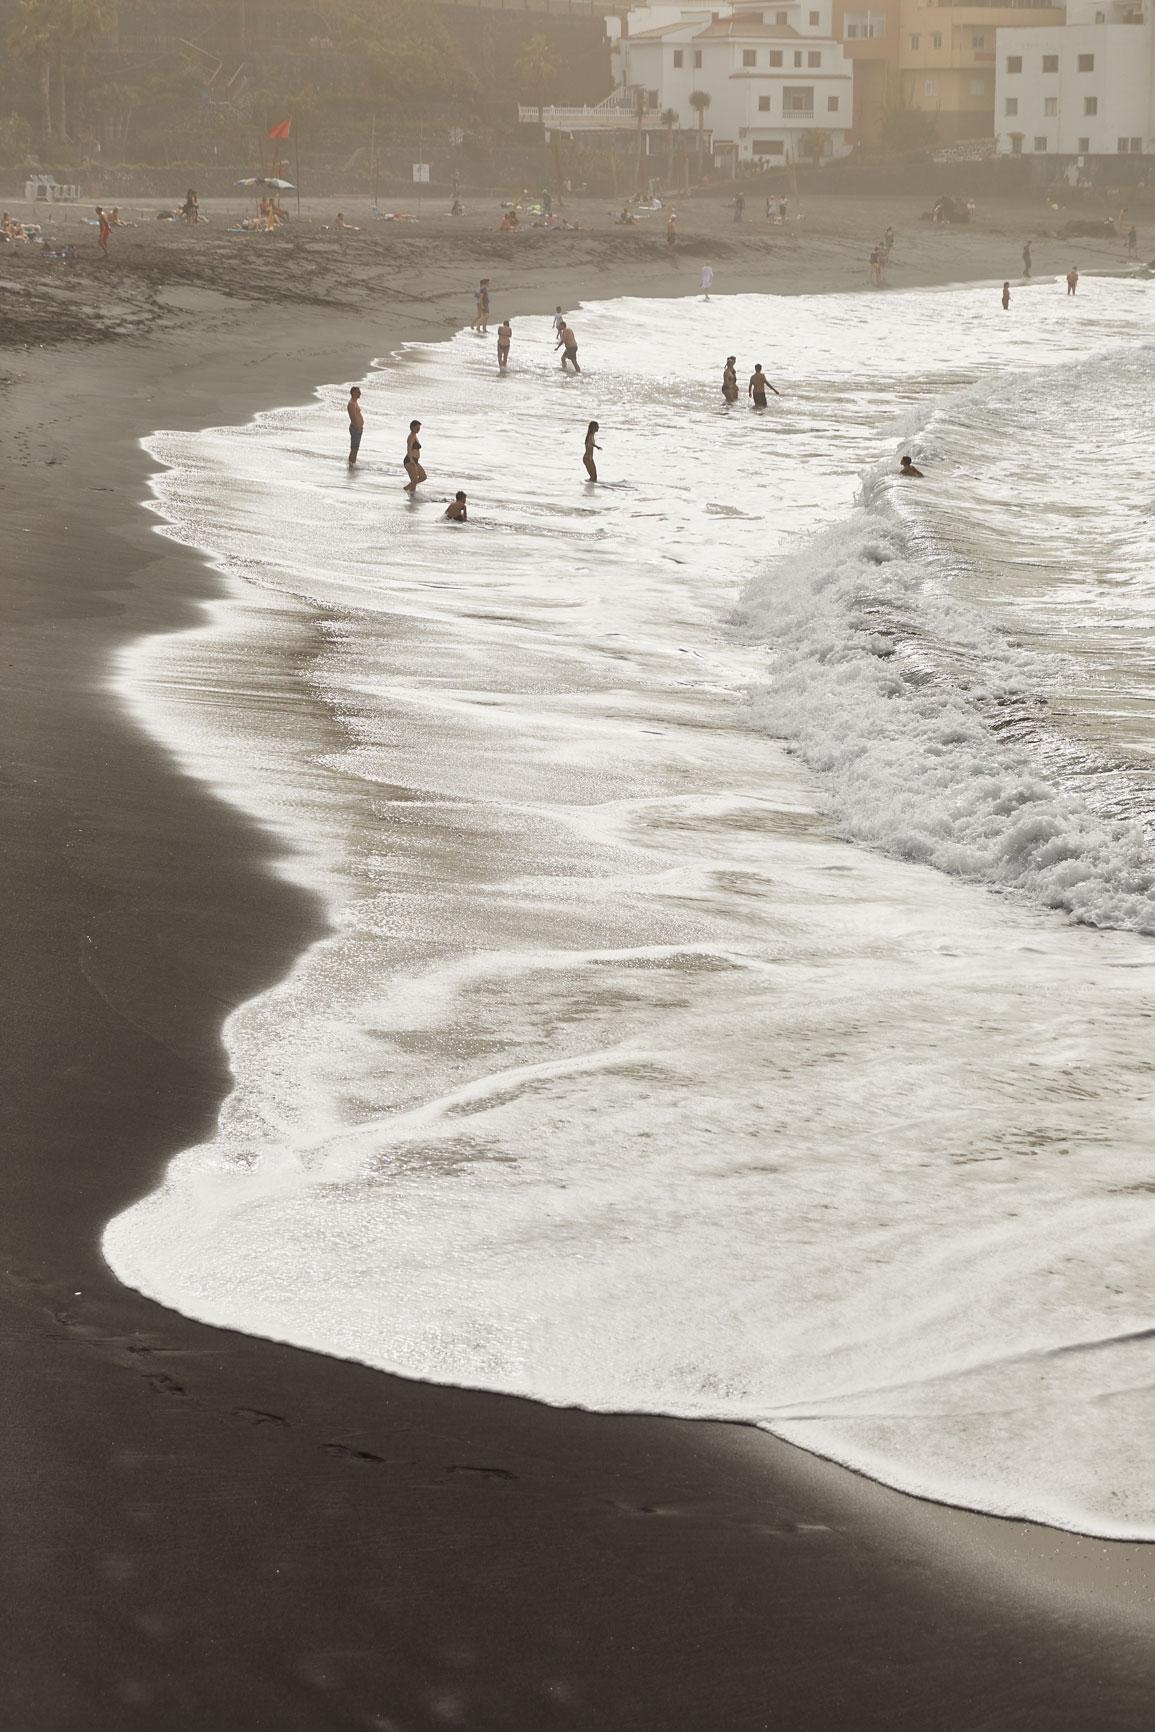 photographe outdoor en voyage sur une plage de sable noire à tenerife